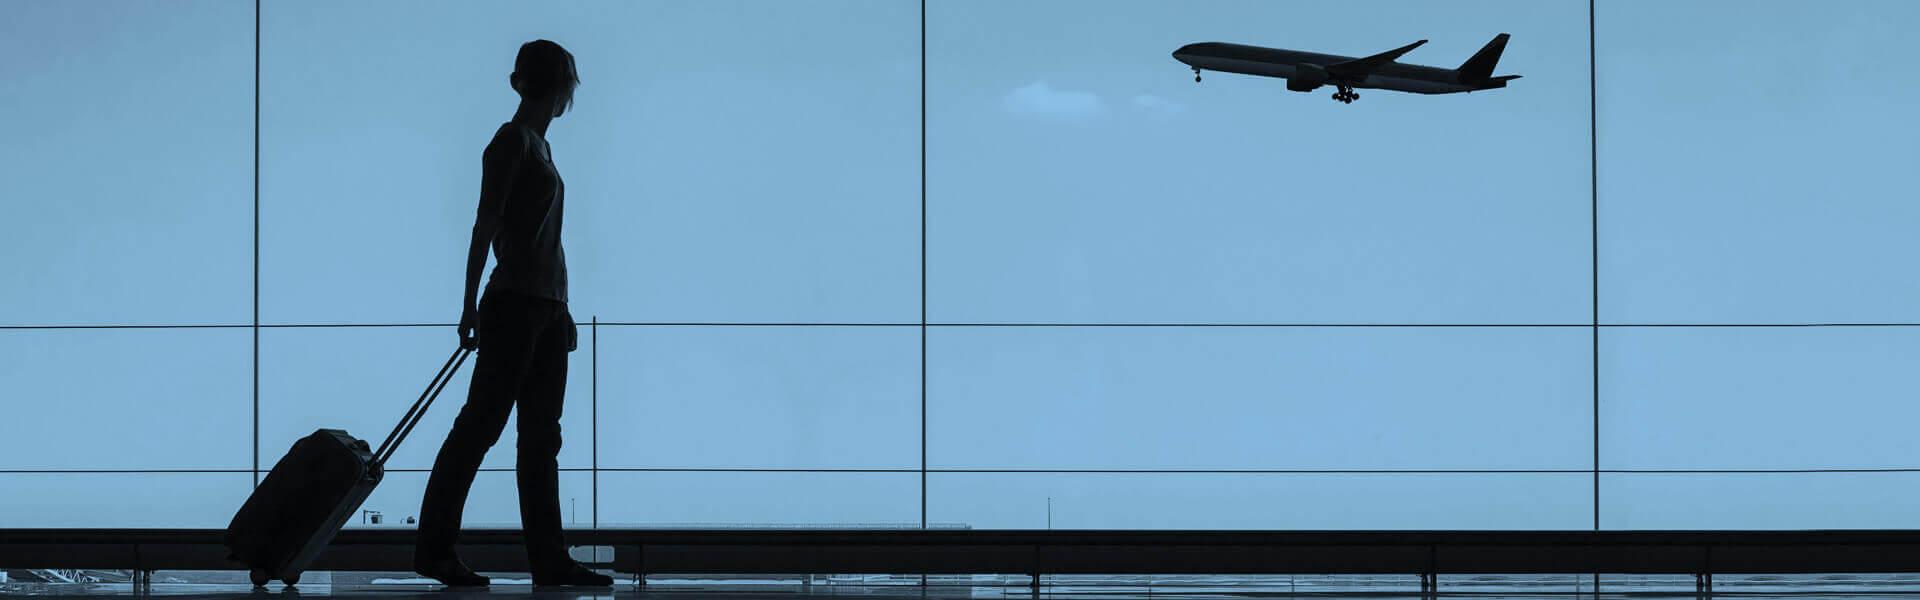 Flughafentransfer Fahrservice